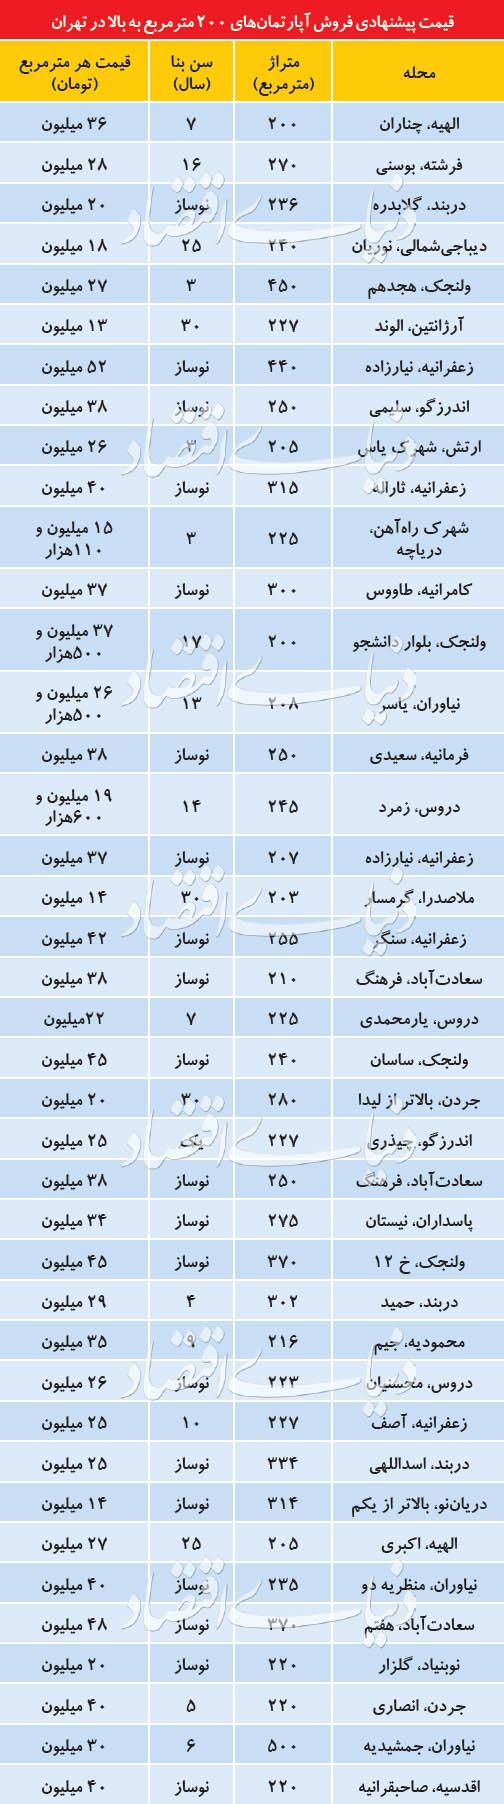 قیمت پیشنهادی آپارتمانهای لوکس تهران - 6